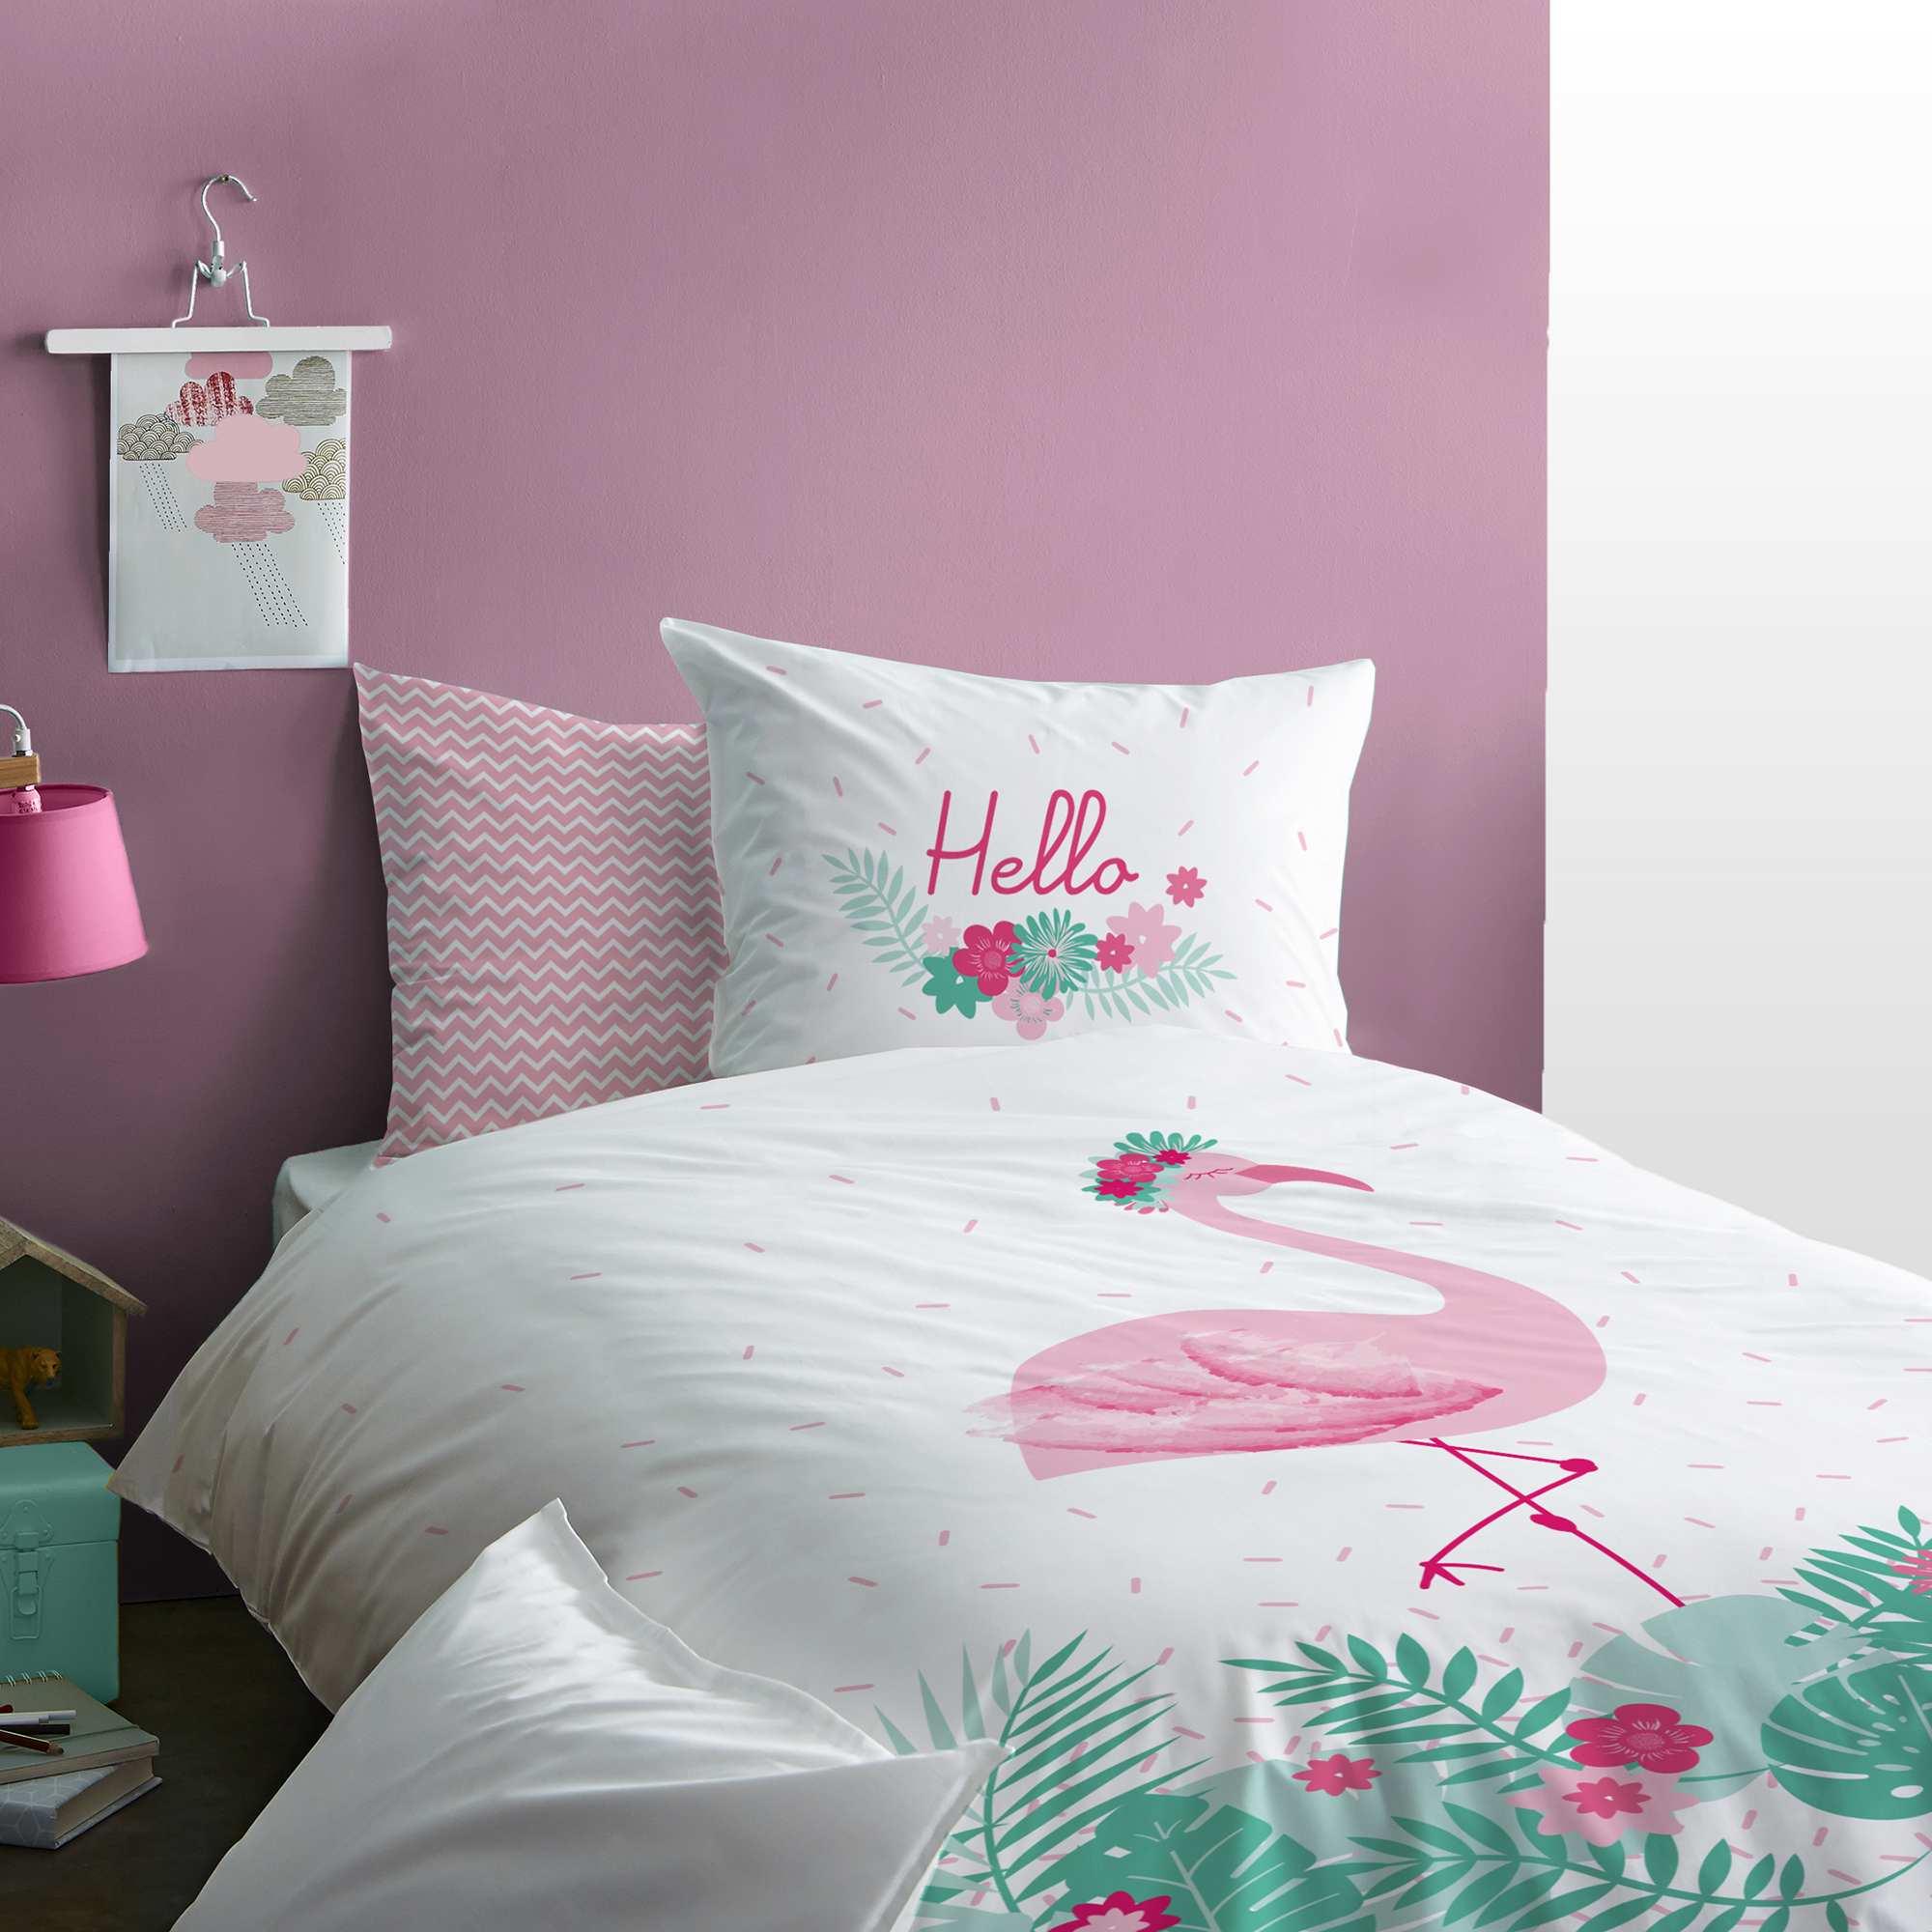 Parure De Lit Flamant Rose : parure de lit r versible 39 flamant rose 39 linge de lit blanc kiabi 27 00 ~ Teatrodelosmanantiales.com Idées de Décoration